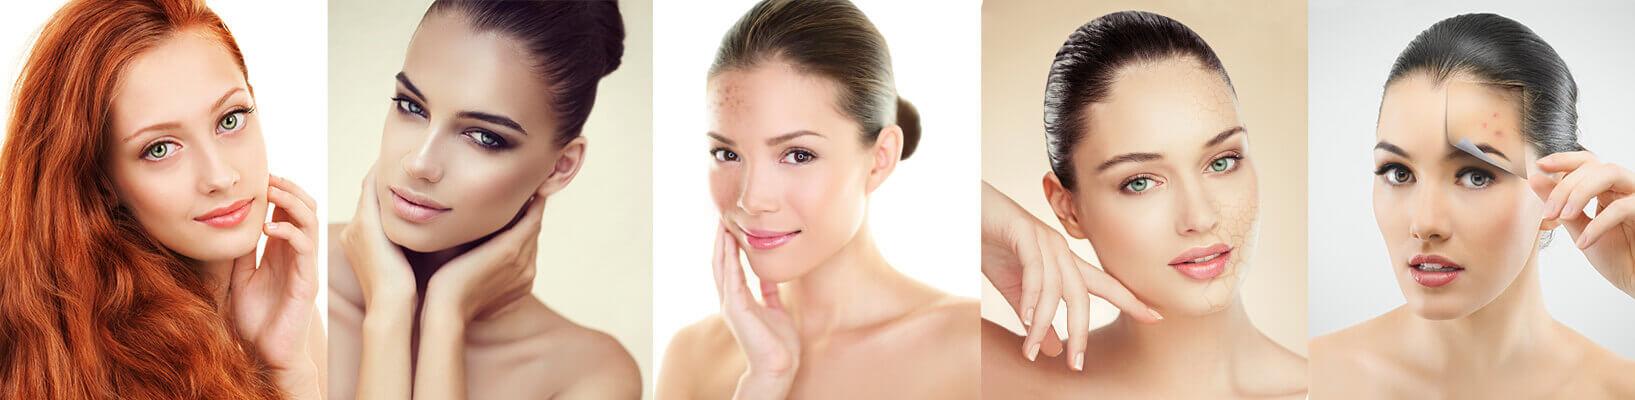 Kosmetischer Fragebogen zur Ermittlung deines Hautbildes